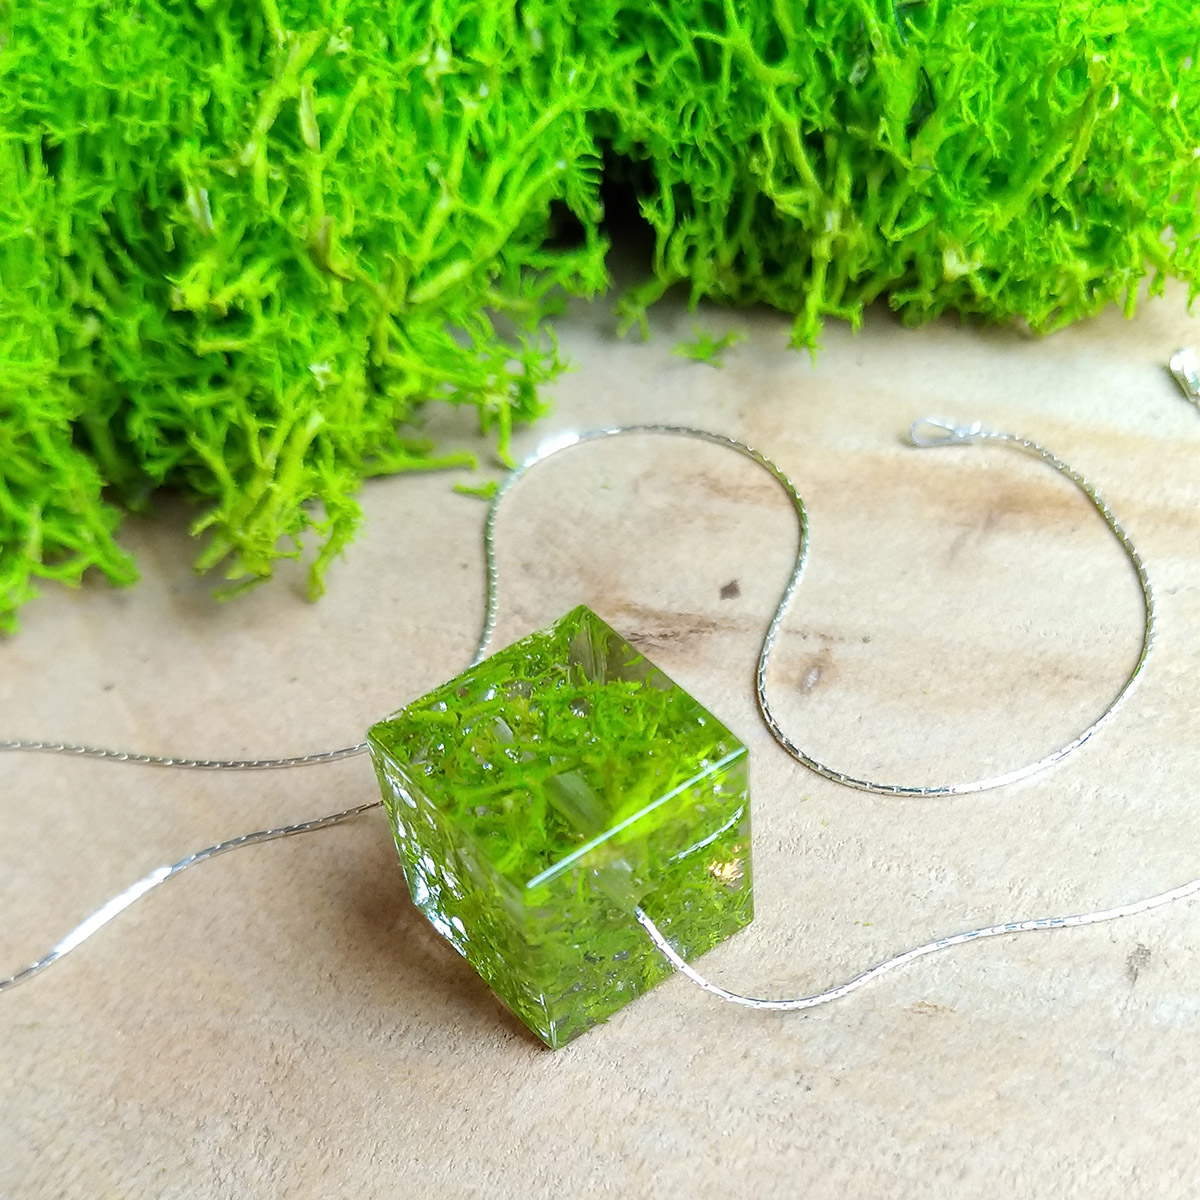 koraliki - foremki silikonowe do żywicy